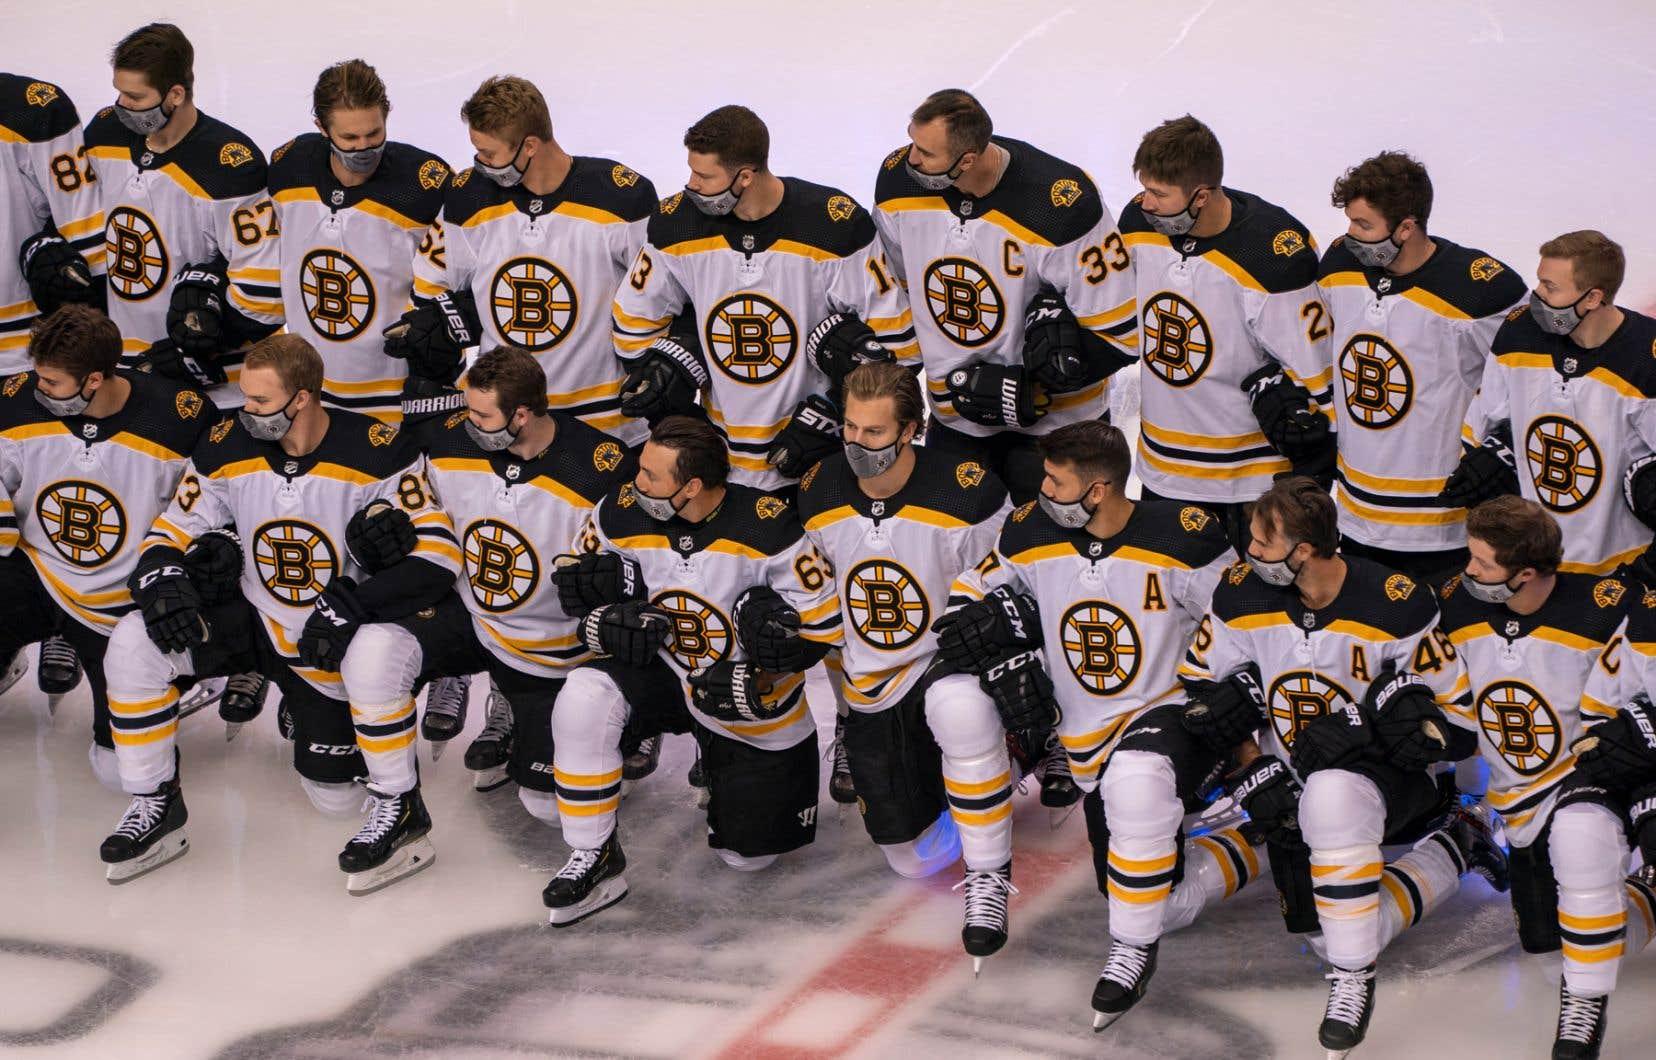 Les Bruins de Boston lors de la prise de photo d'équipe. Chaque jour, environ 1500 échantillons sont recueillis auprès des joueurs et du personnel, entre autres, pour être analysés.